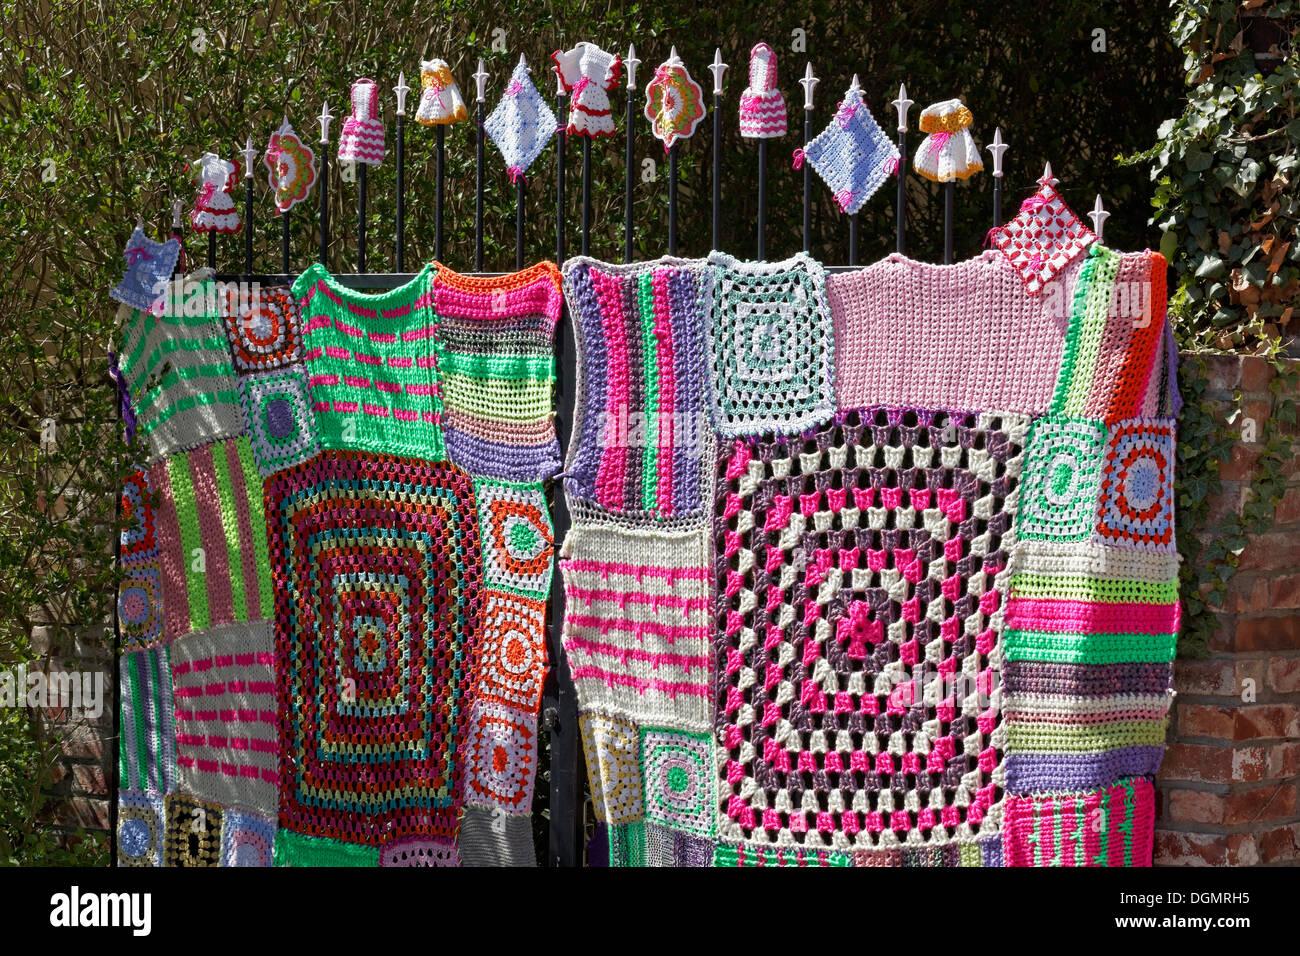 Graffiti Knitting Stock Photos & Graffiti Knitting Stock Images - Alamy